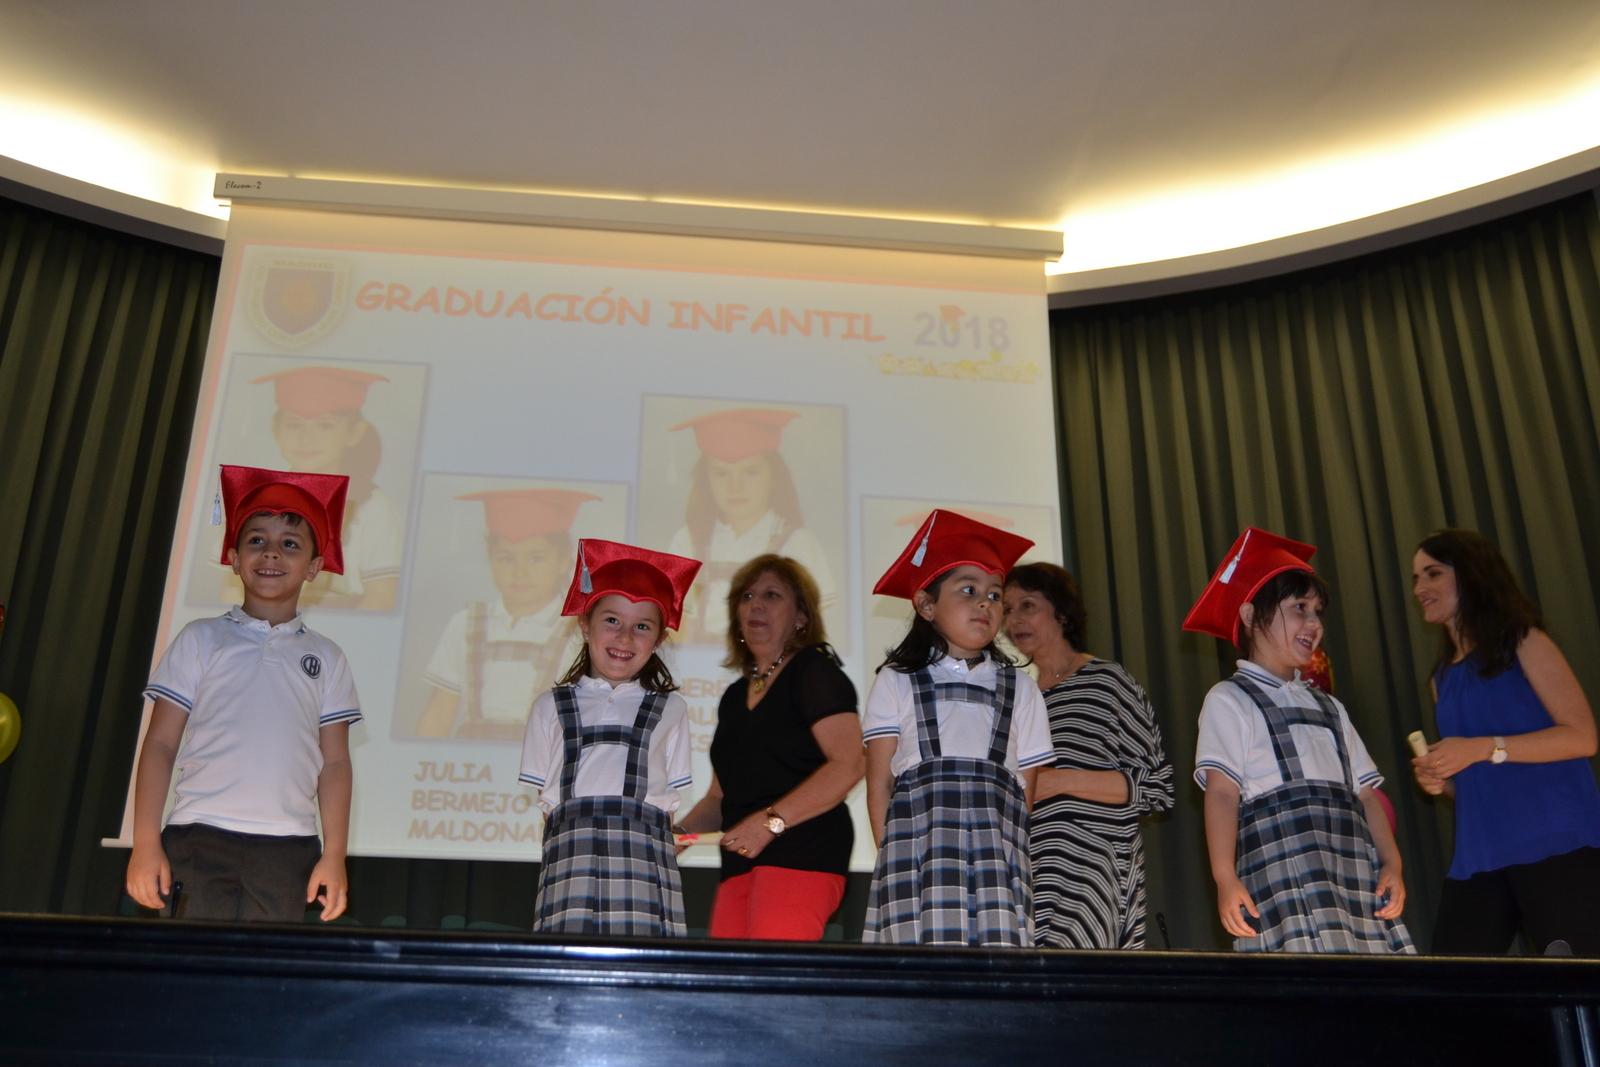 Graduación Educación Infantil 2018 7